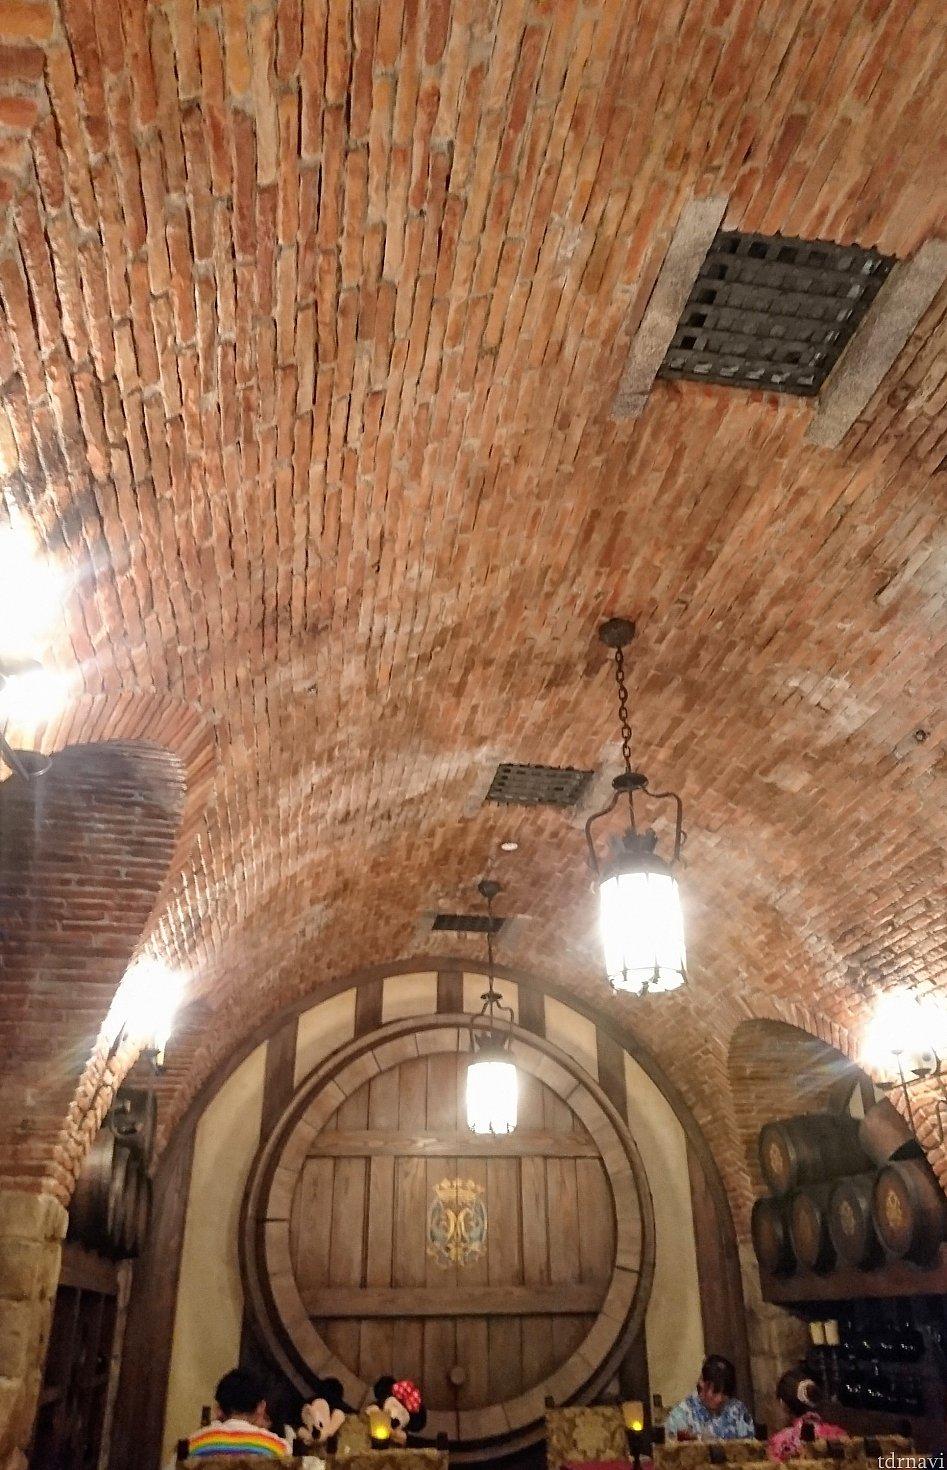 天井が素晴らしいです😍